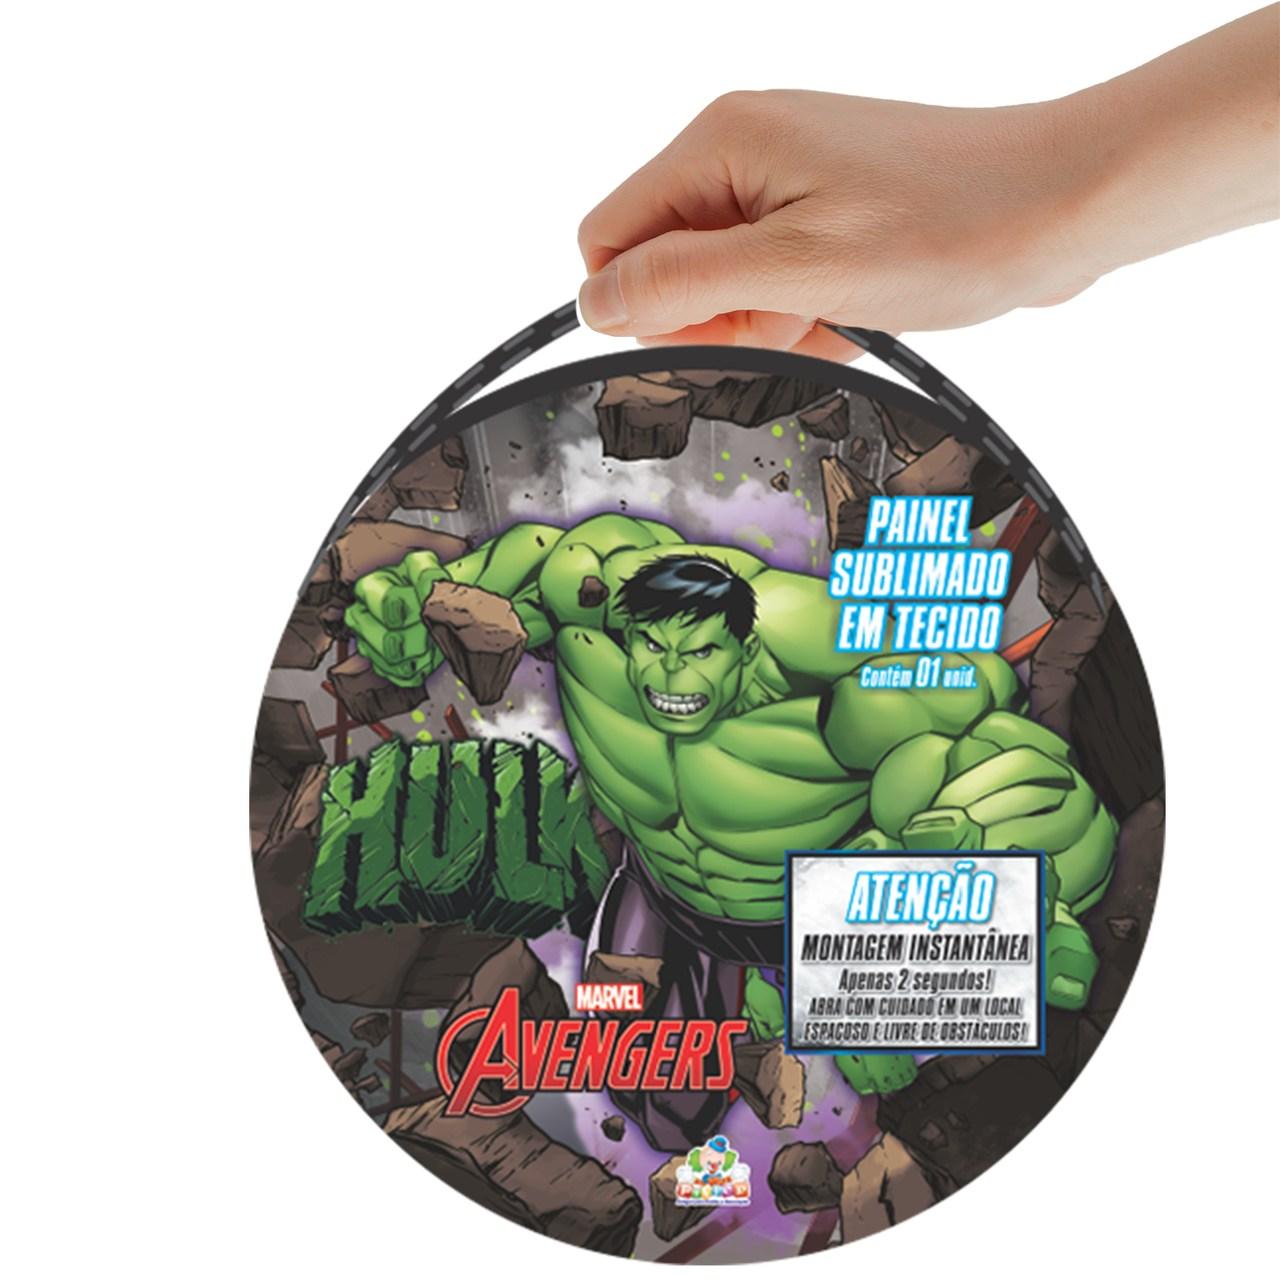 Painel Sublimado em Tecido Marvel Avengers